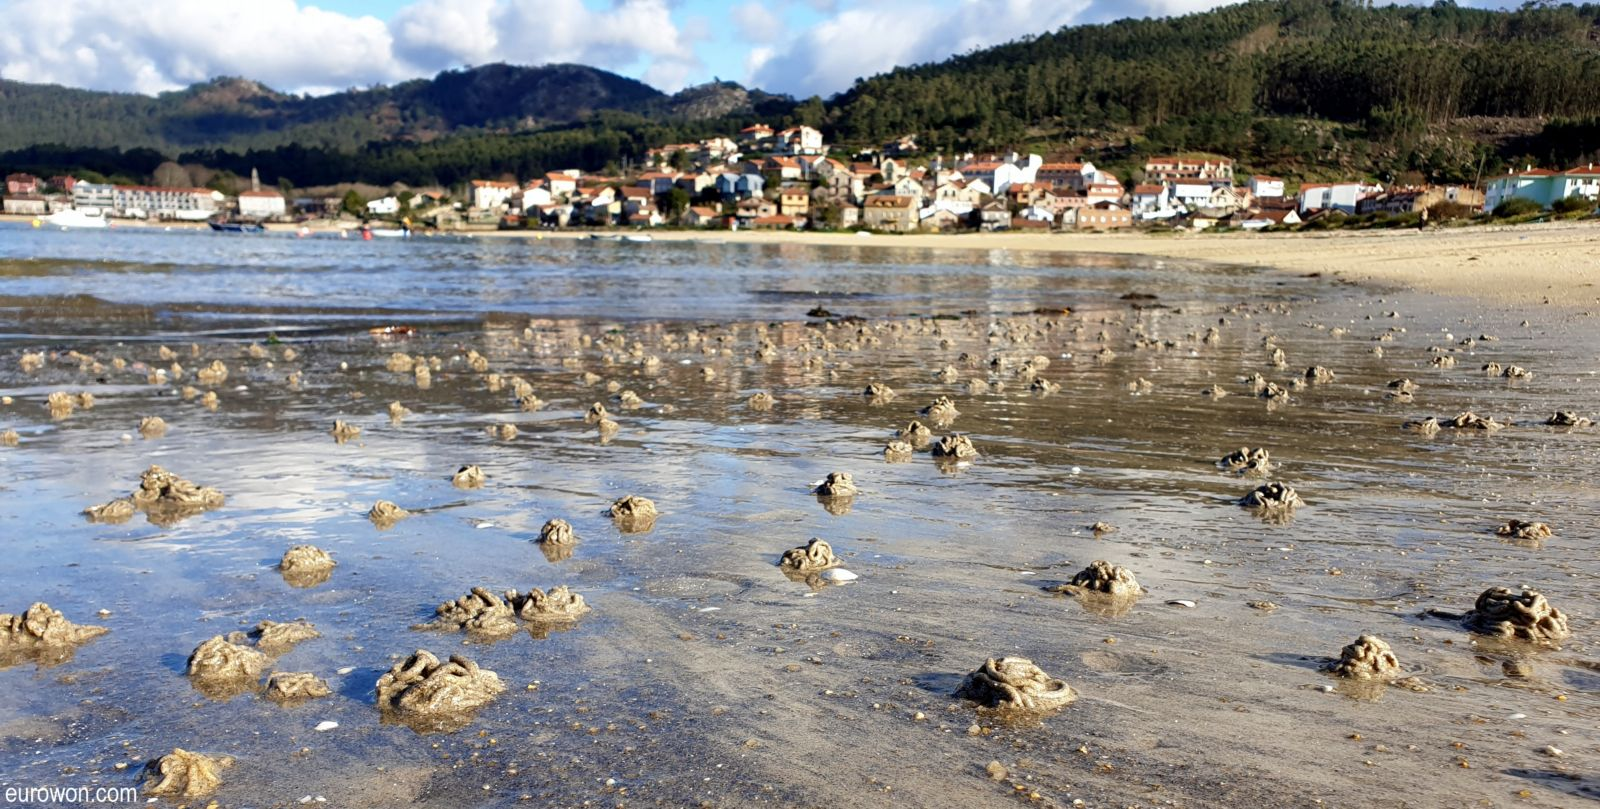 Playa llena de pequeños montoncitos de arena